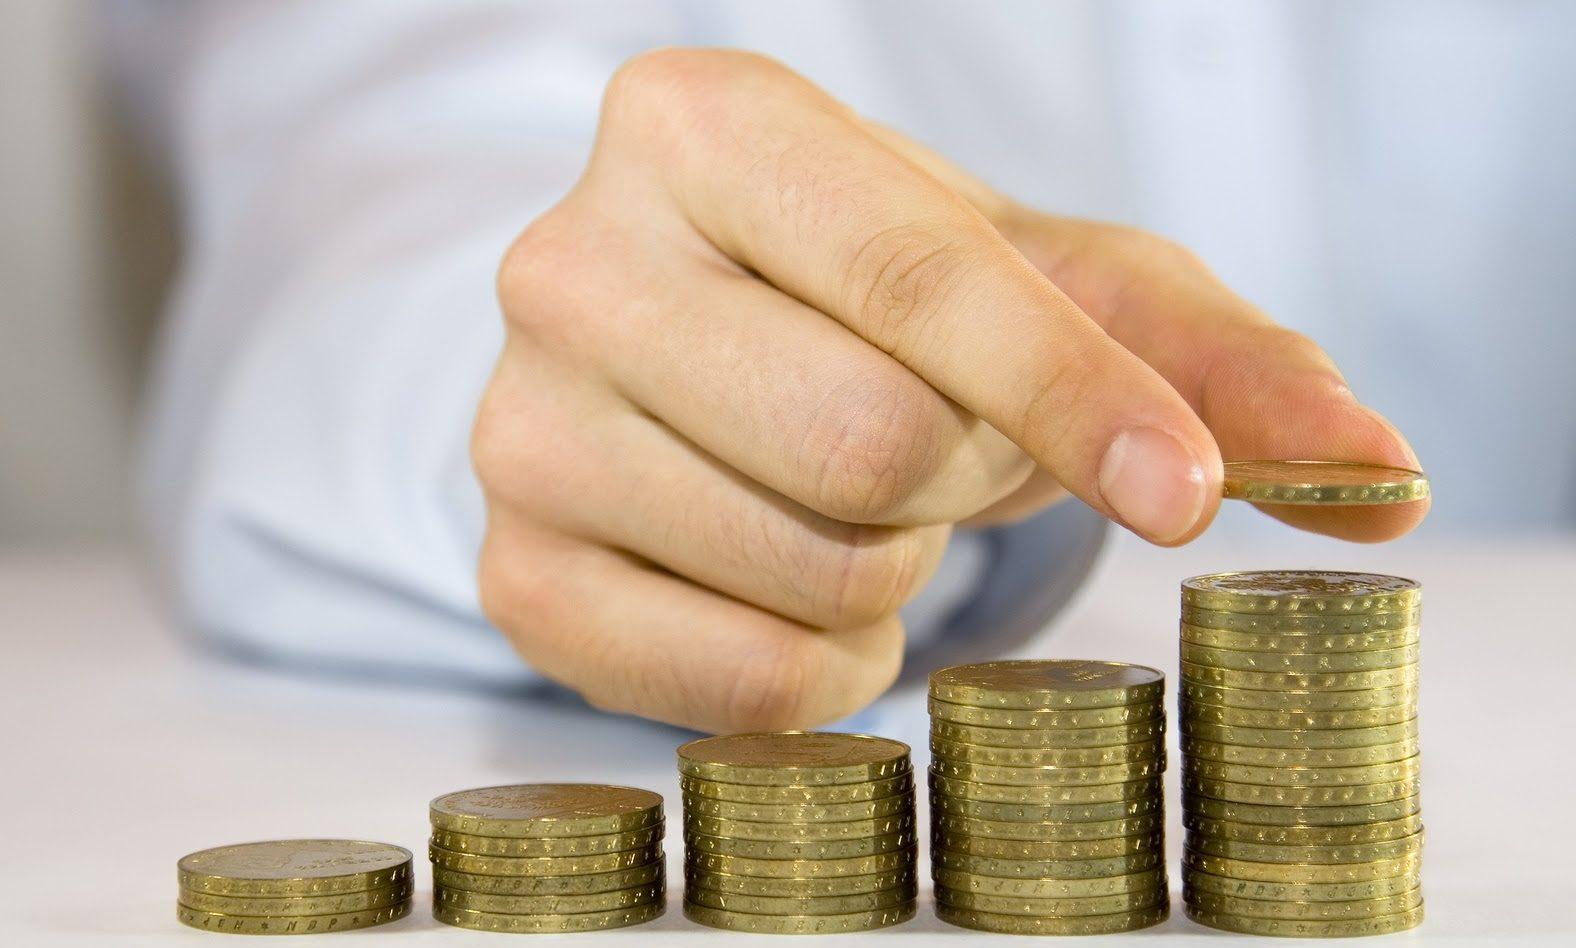 ha diák vagy, hogyan lehet pénzt keresni